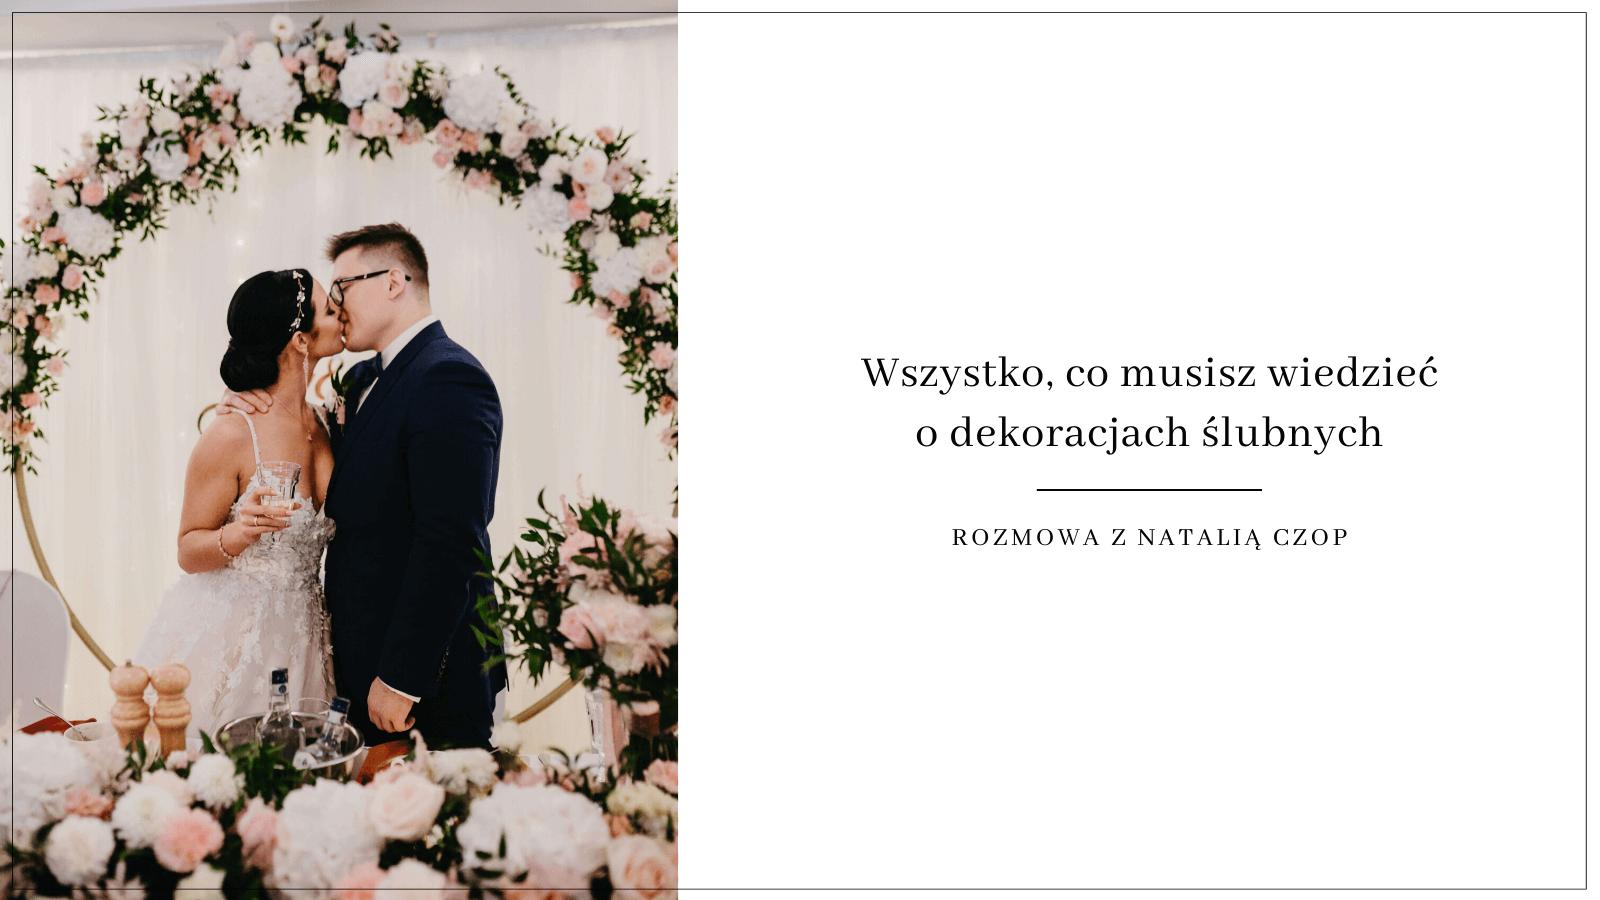 dekoracje na ślub i wesele inLove / Design Your Wedding